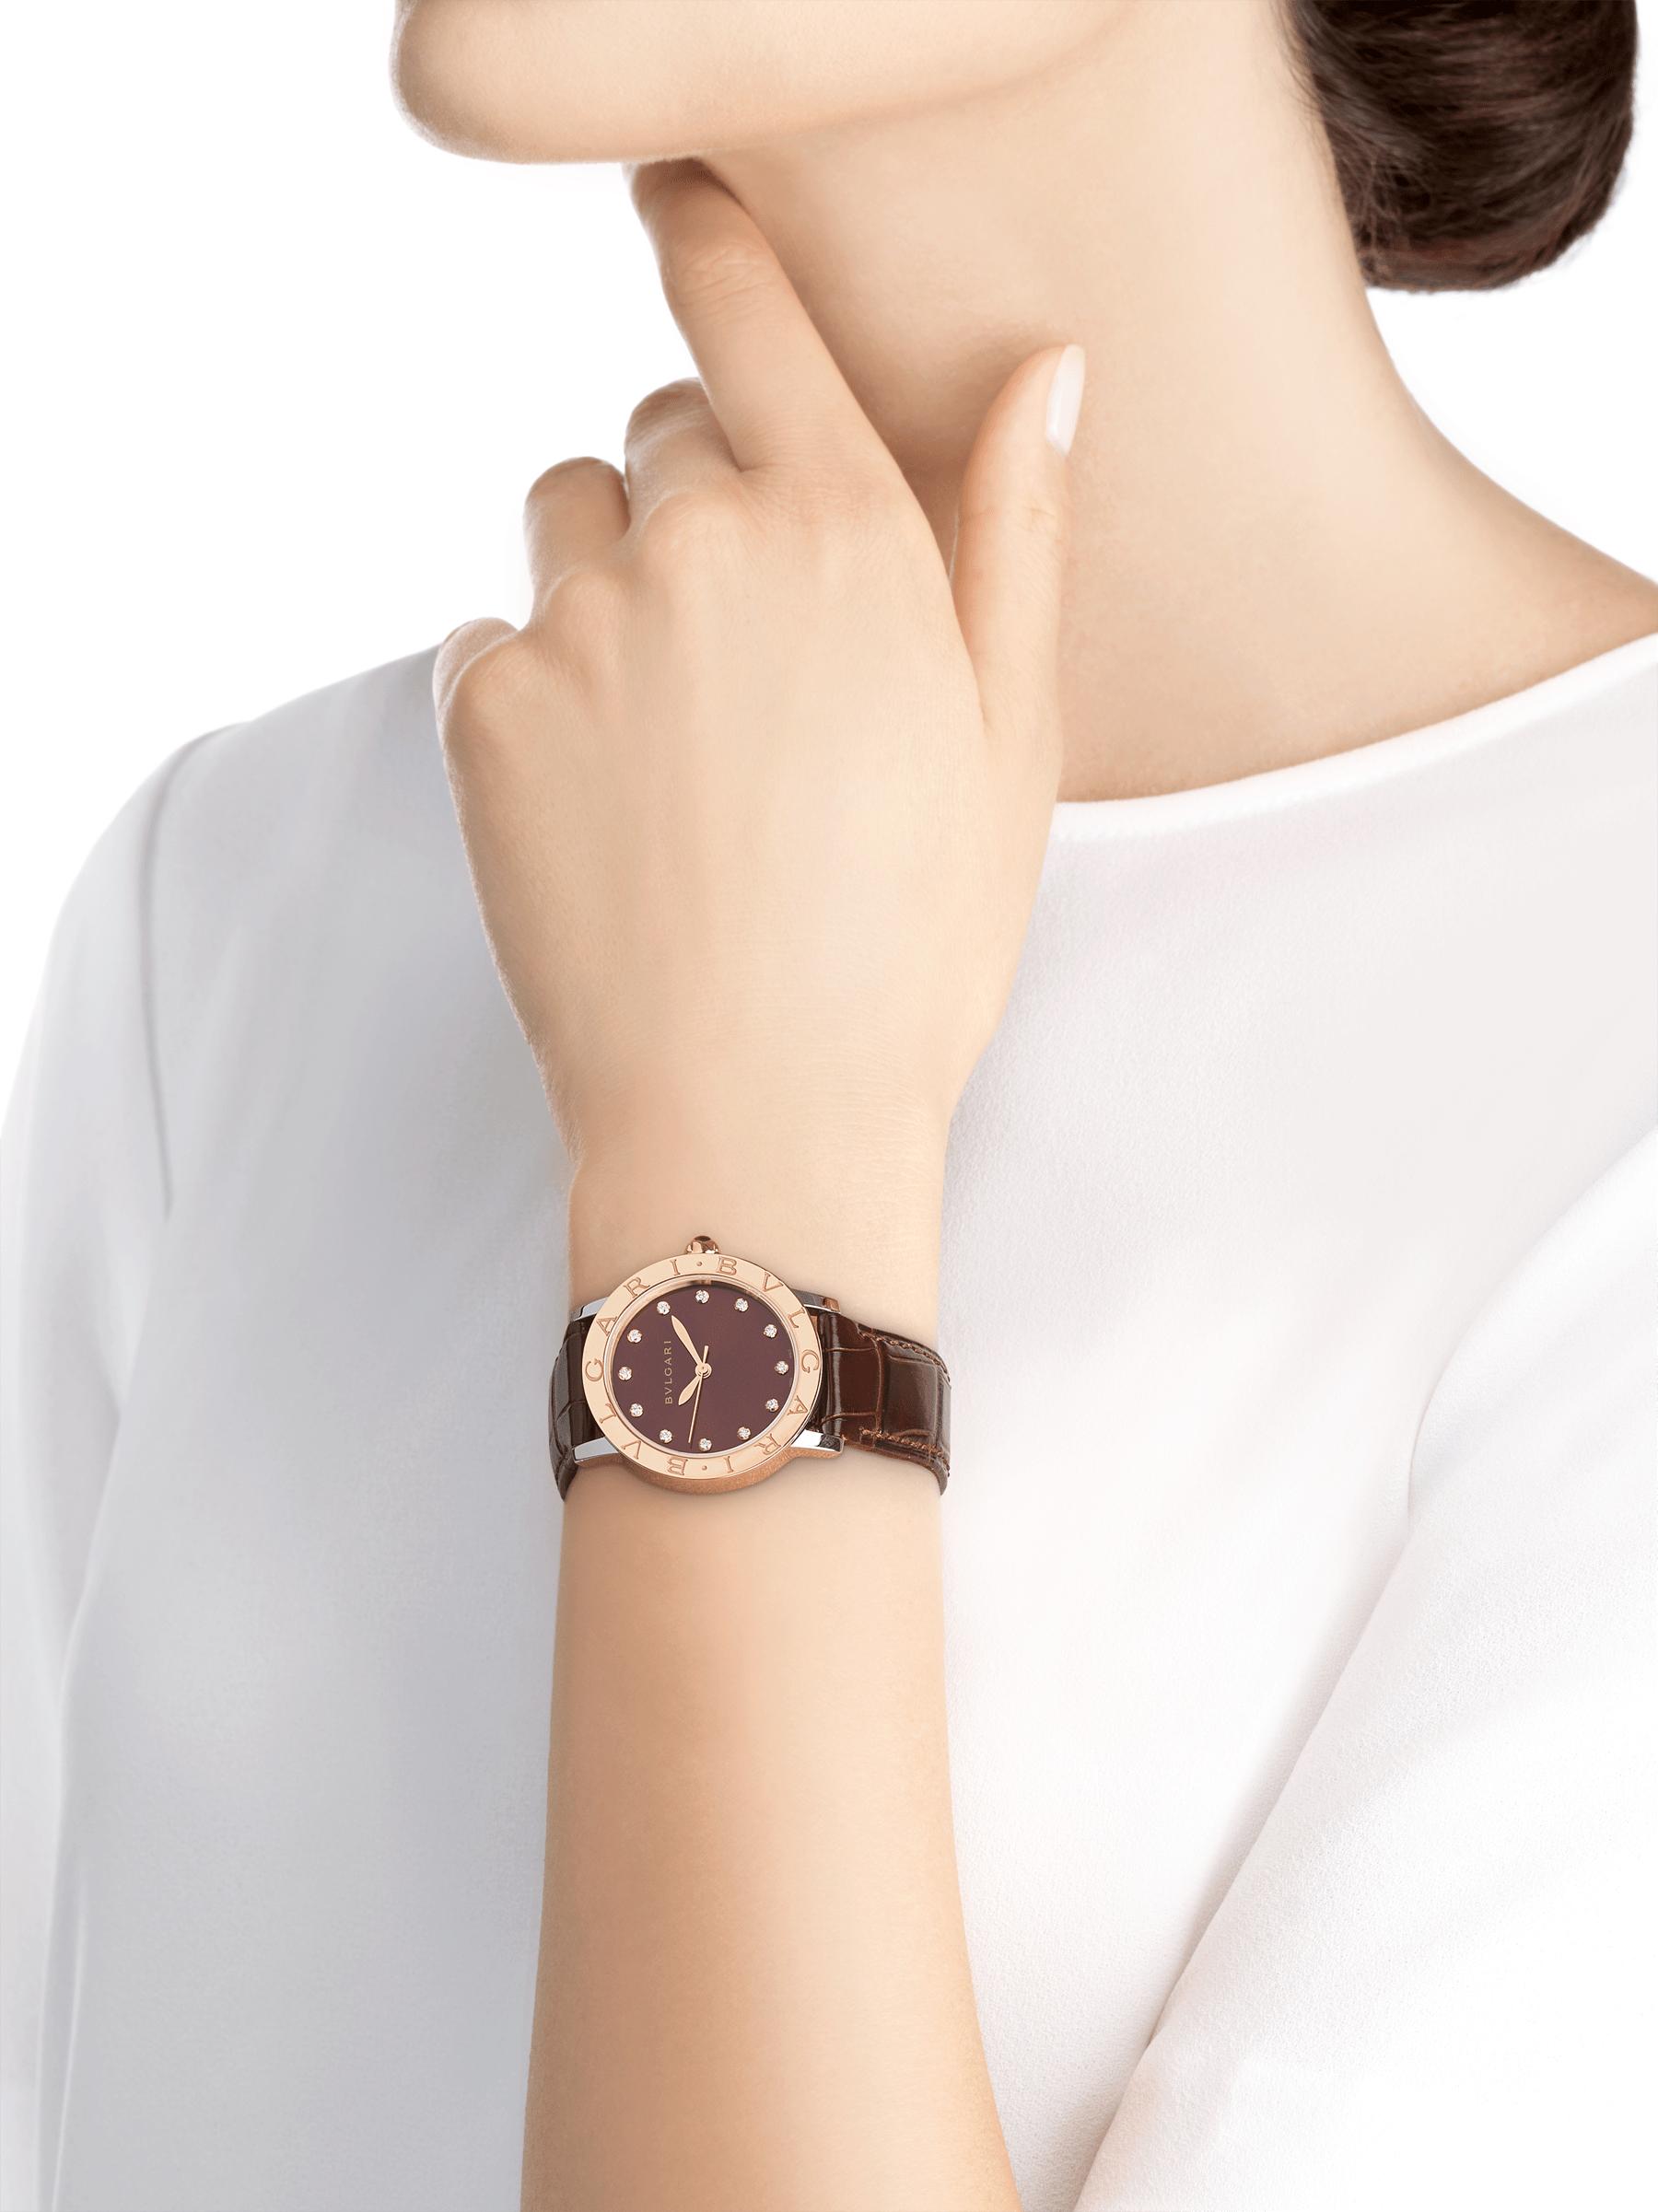 Relógio BVLGARIBVLGARI com caixa em aço inoxidável, bezel em ouro rosa 18K, mostrador laqueado acetinado marrom soleil, índices de diamante dourados e pulseira em couro de jacaré marrom escuro brilhante 102742 image 4